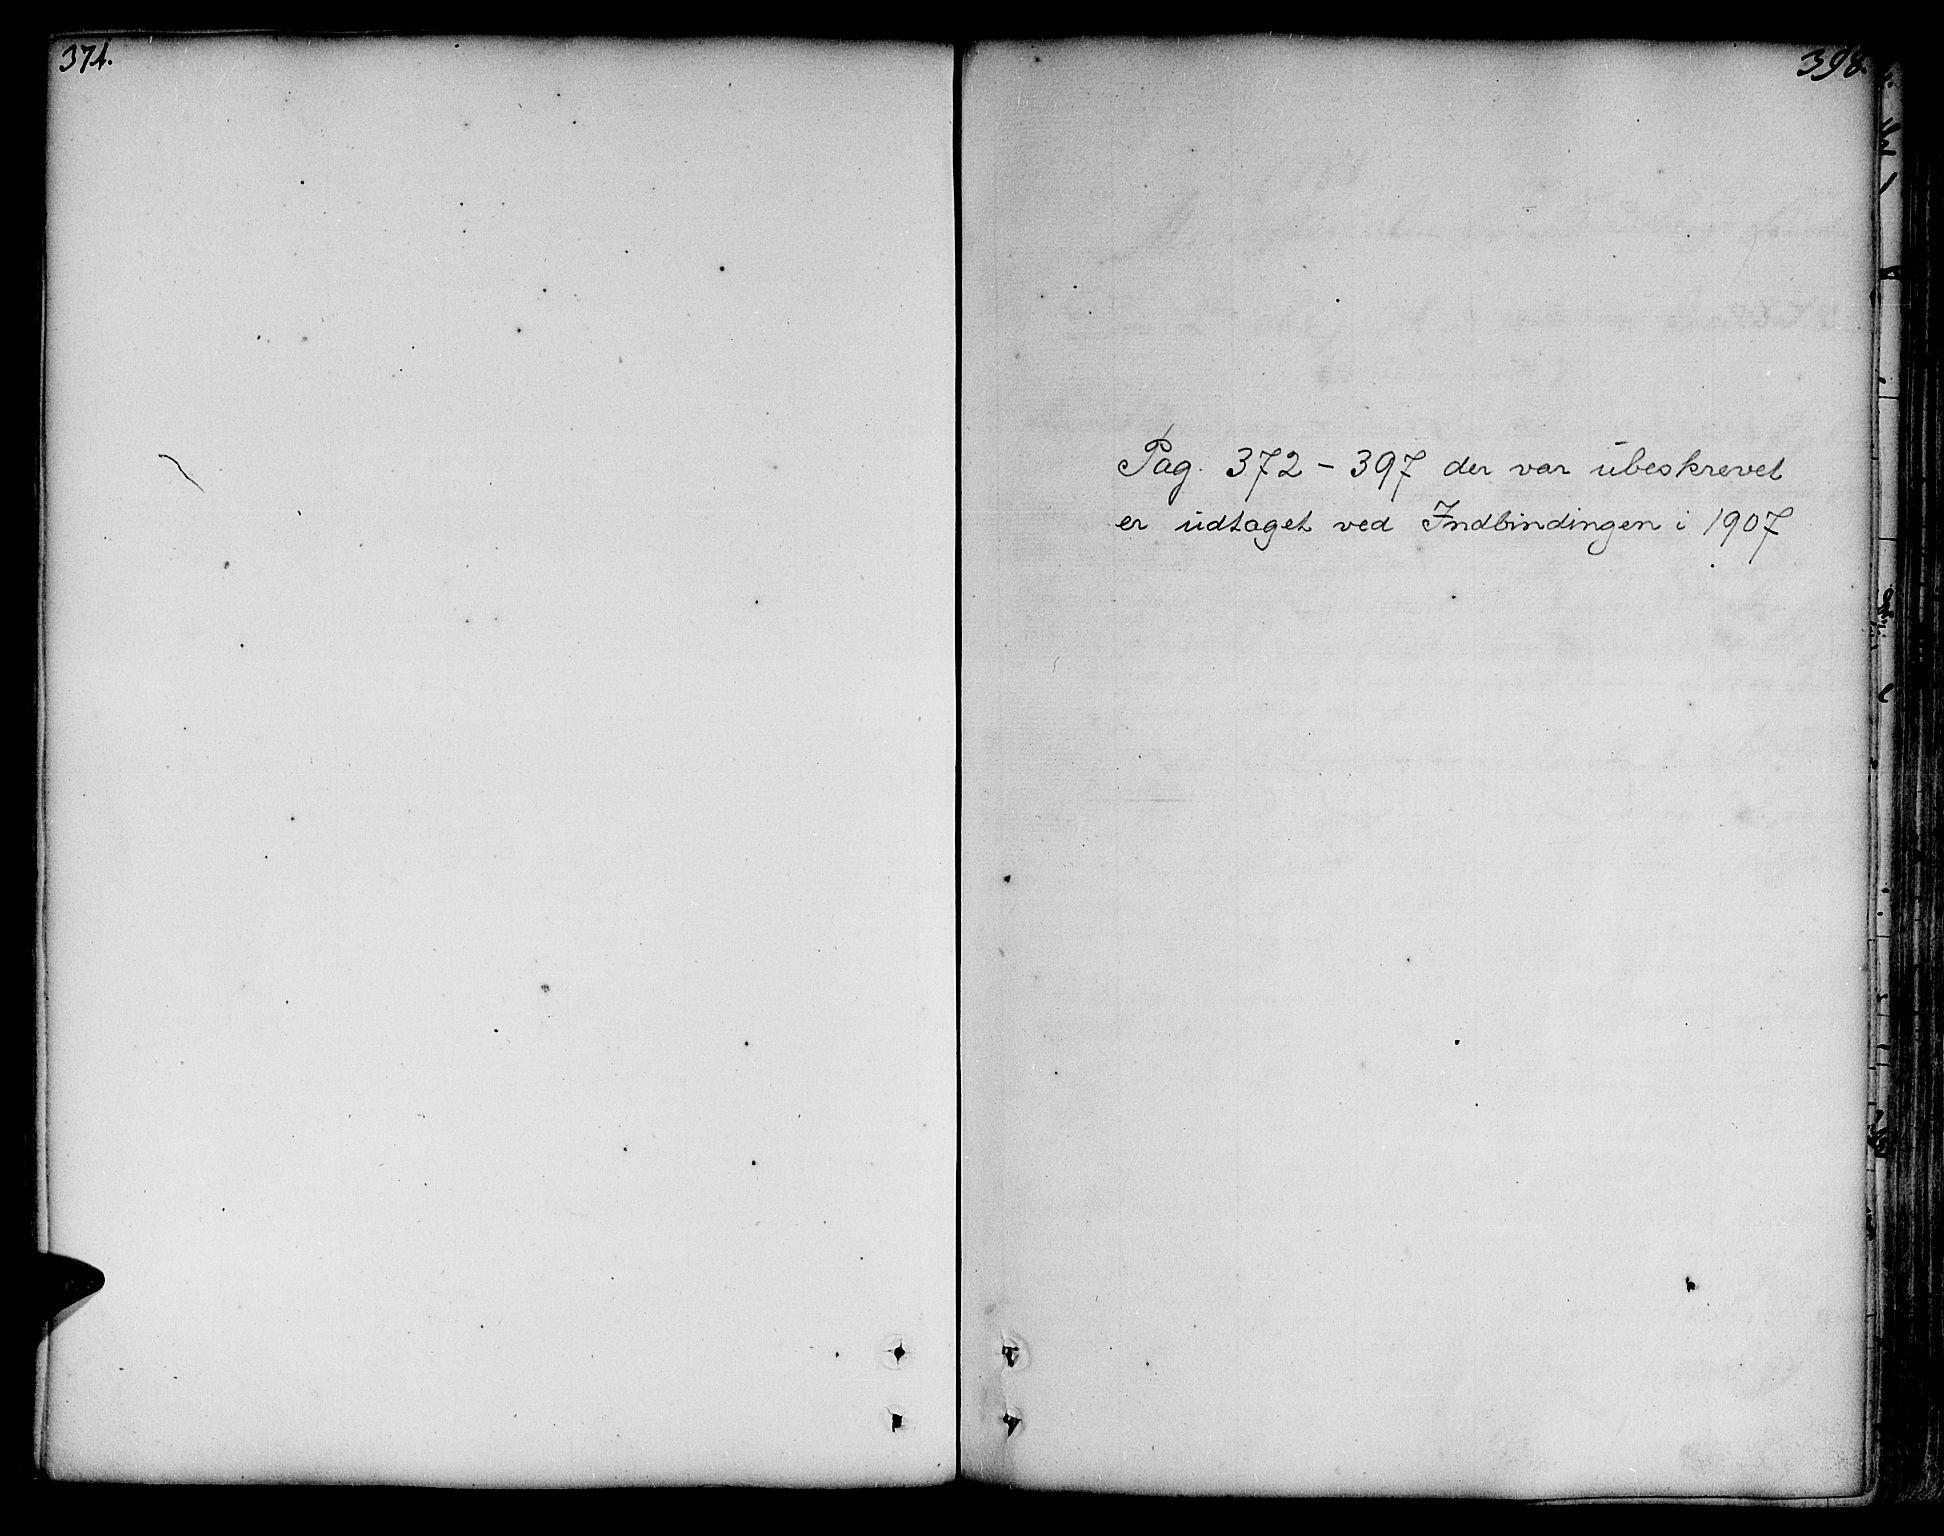 SAT, Ministerialprotokoller, klokkerbøker og fødselsregistre - Sør-Trøndelag, 606/L0280: Ministerialbok nr. 606A02 /1, 1781-1817, s. 371-398